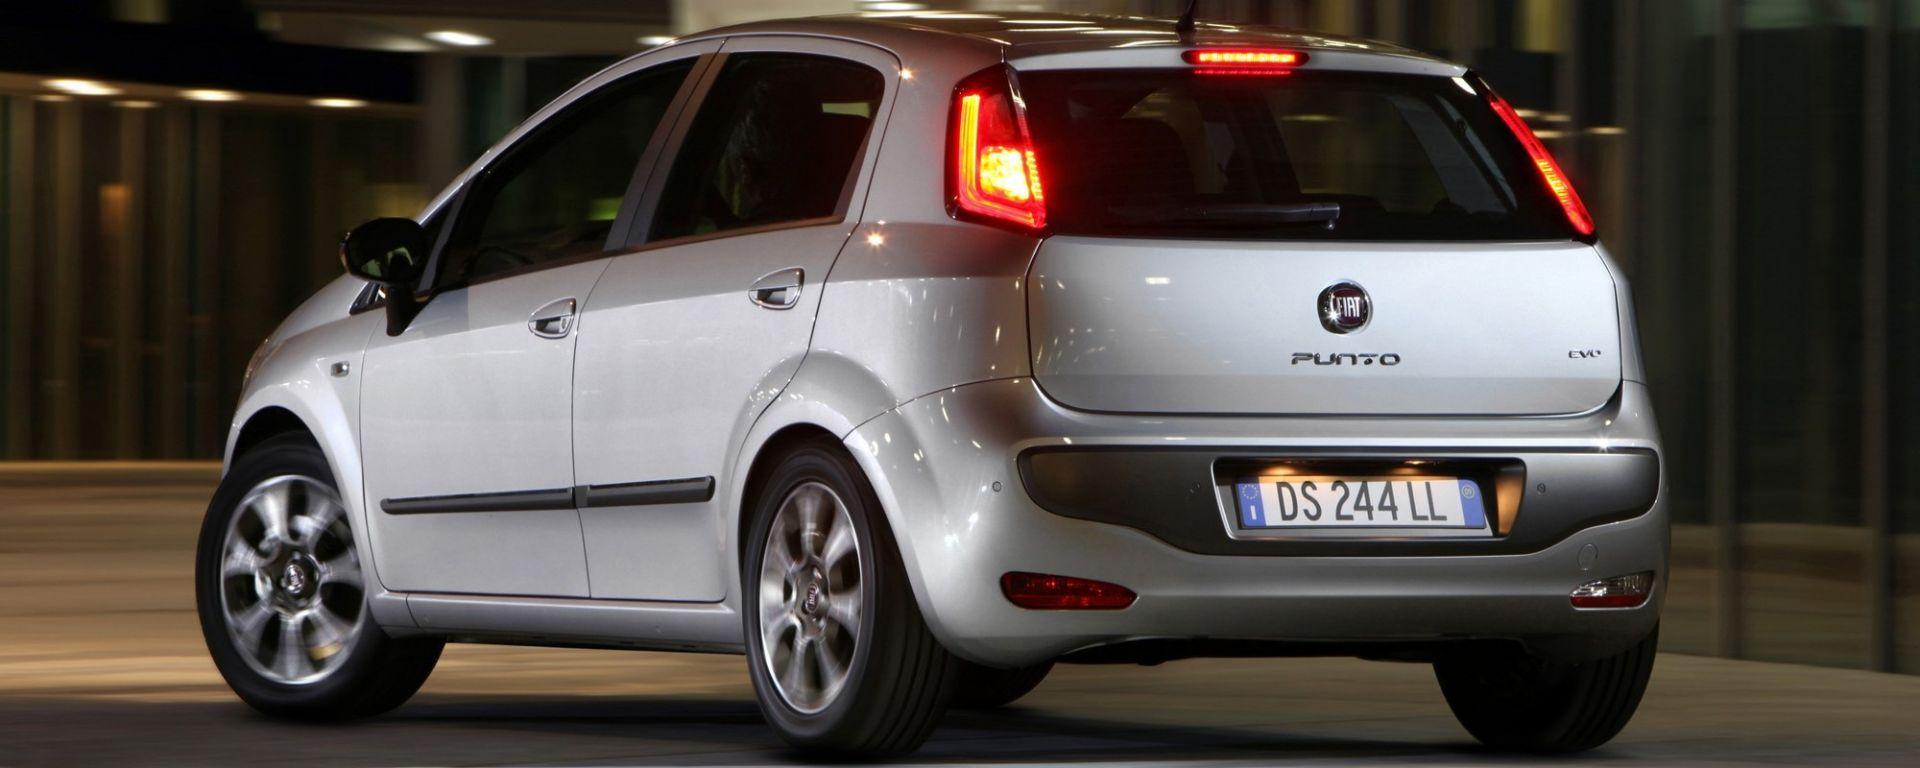 Eco incentivi 2019: tutte le auto scontate da 1.500 a 6.000 euro